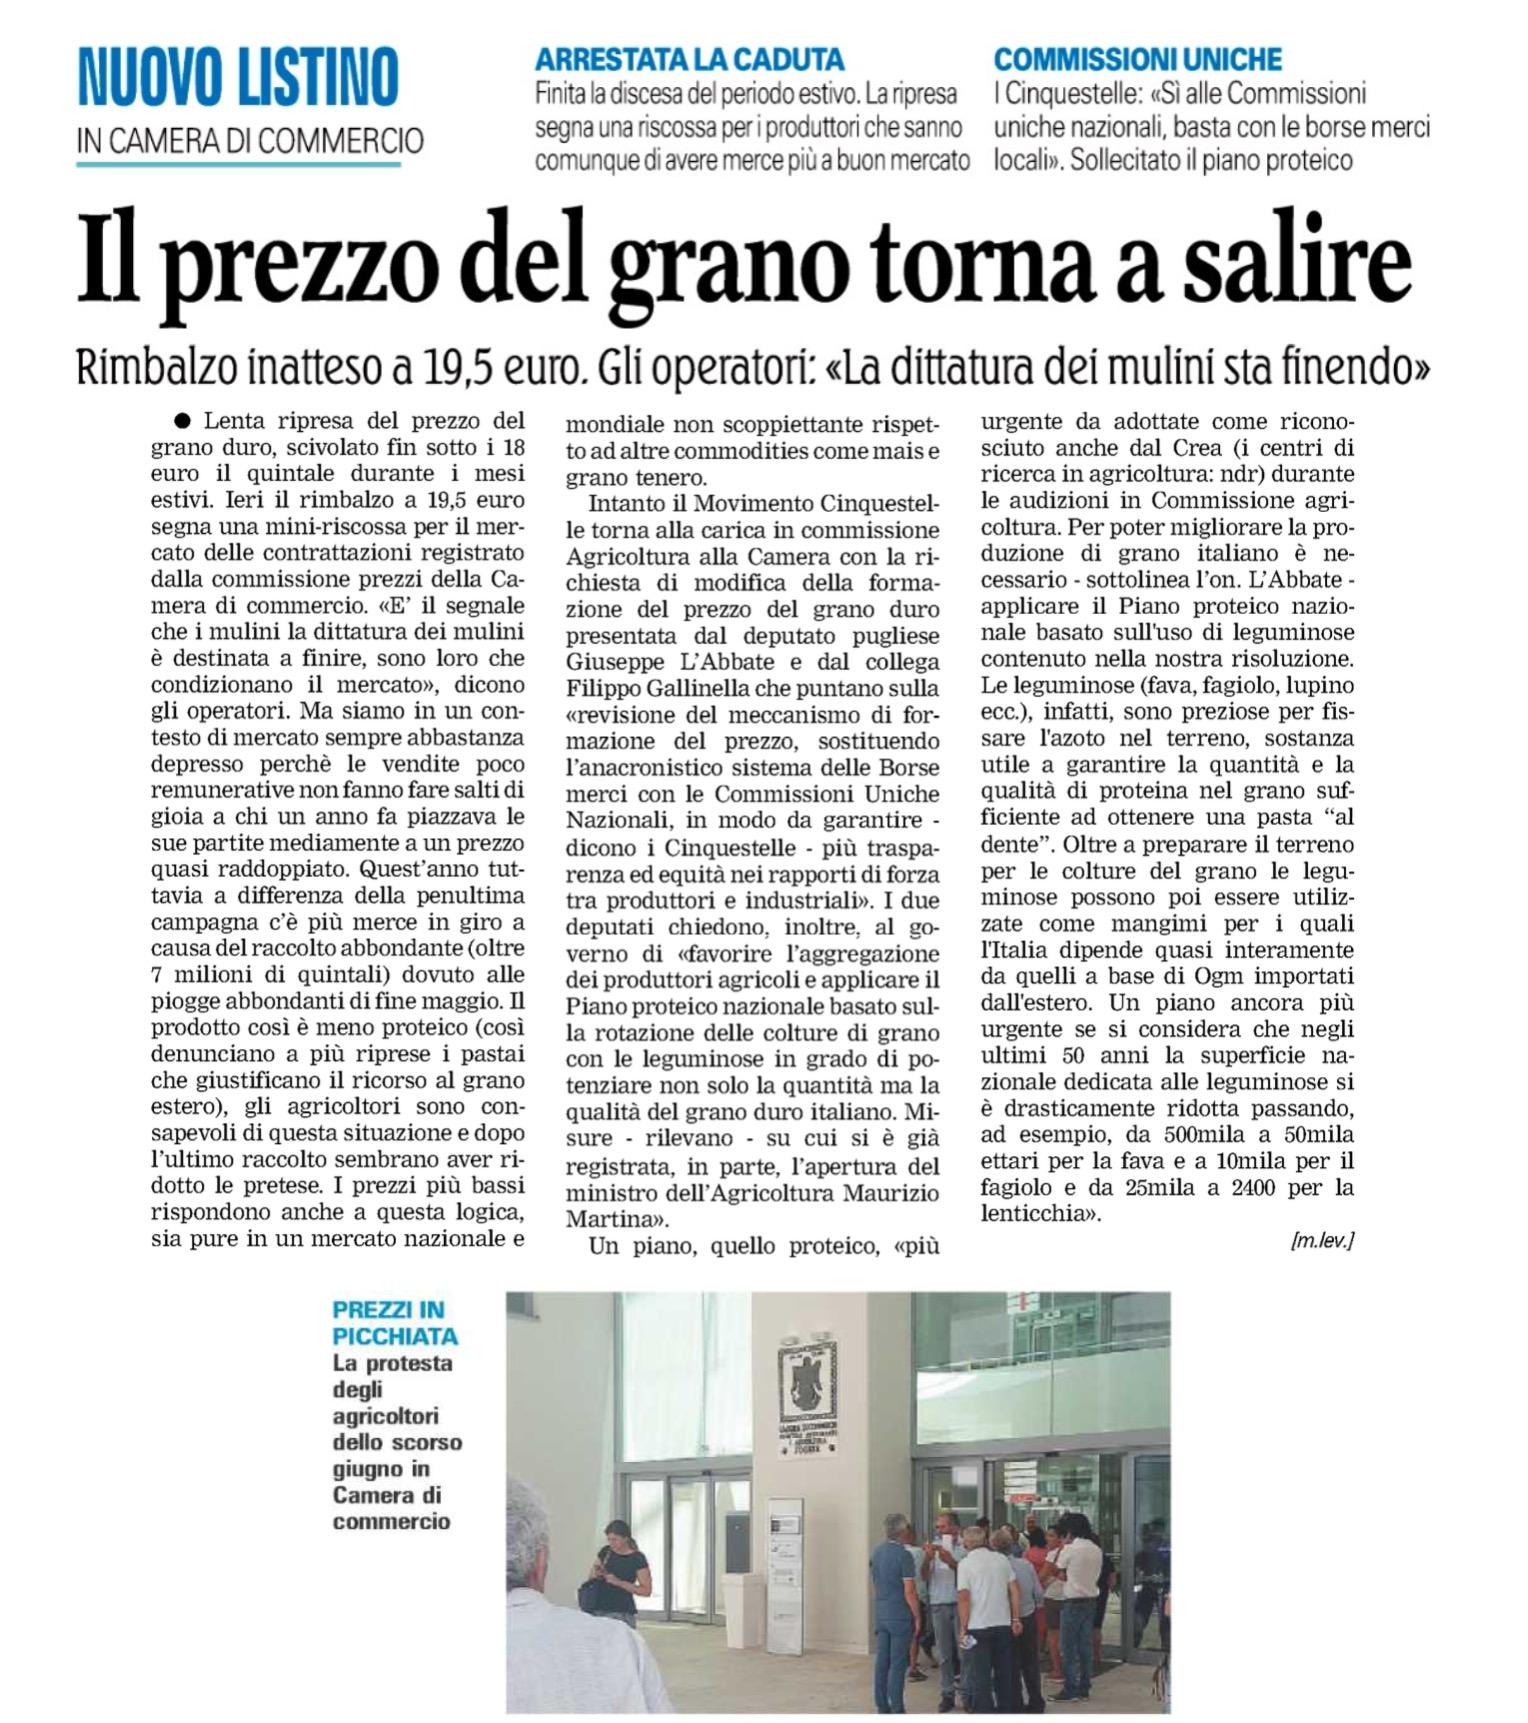 La Gazzetta del Mezzogiorno - 22.09.2016